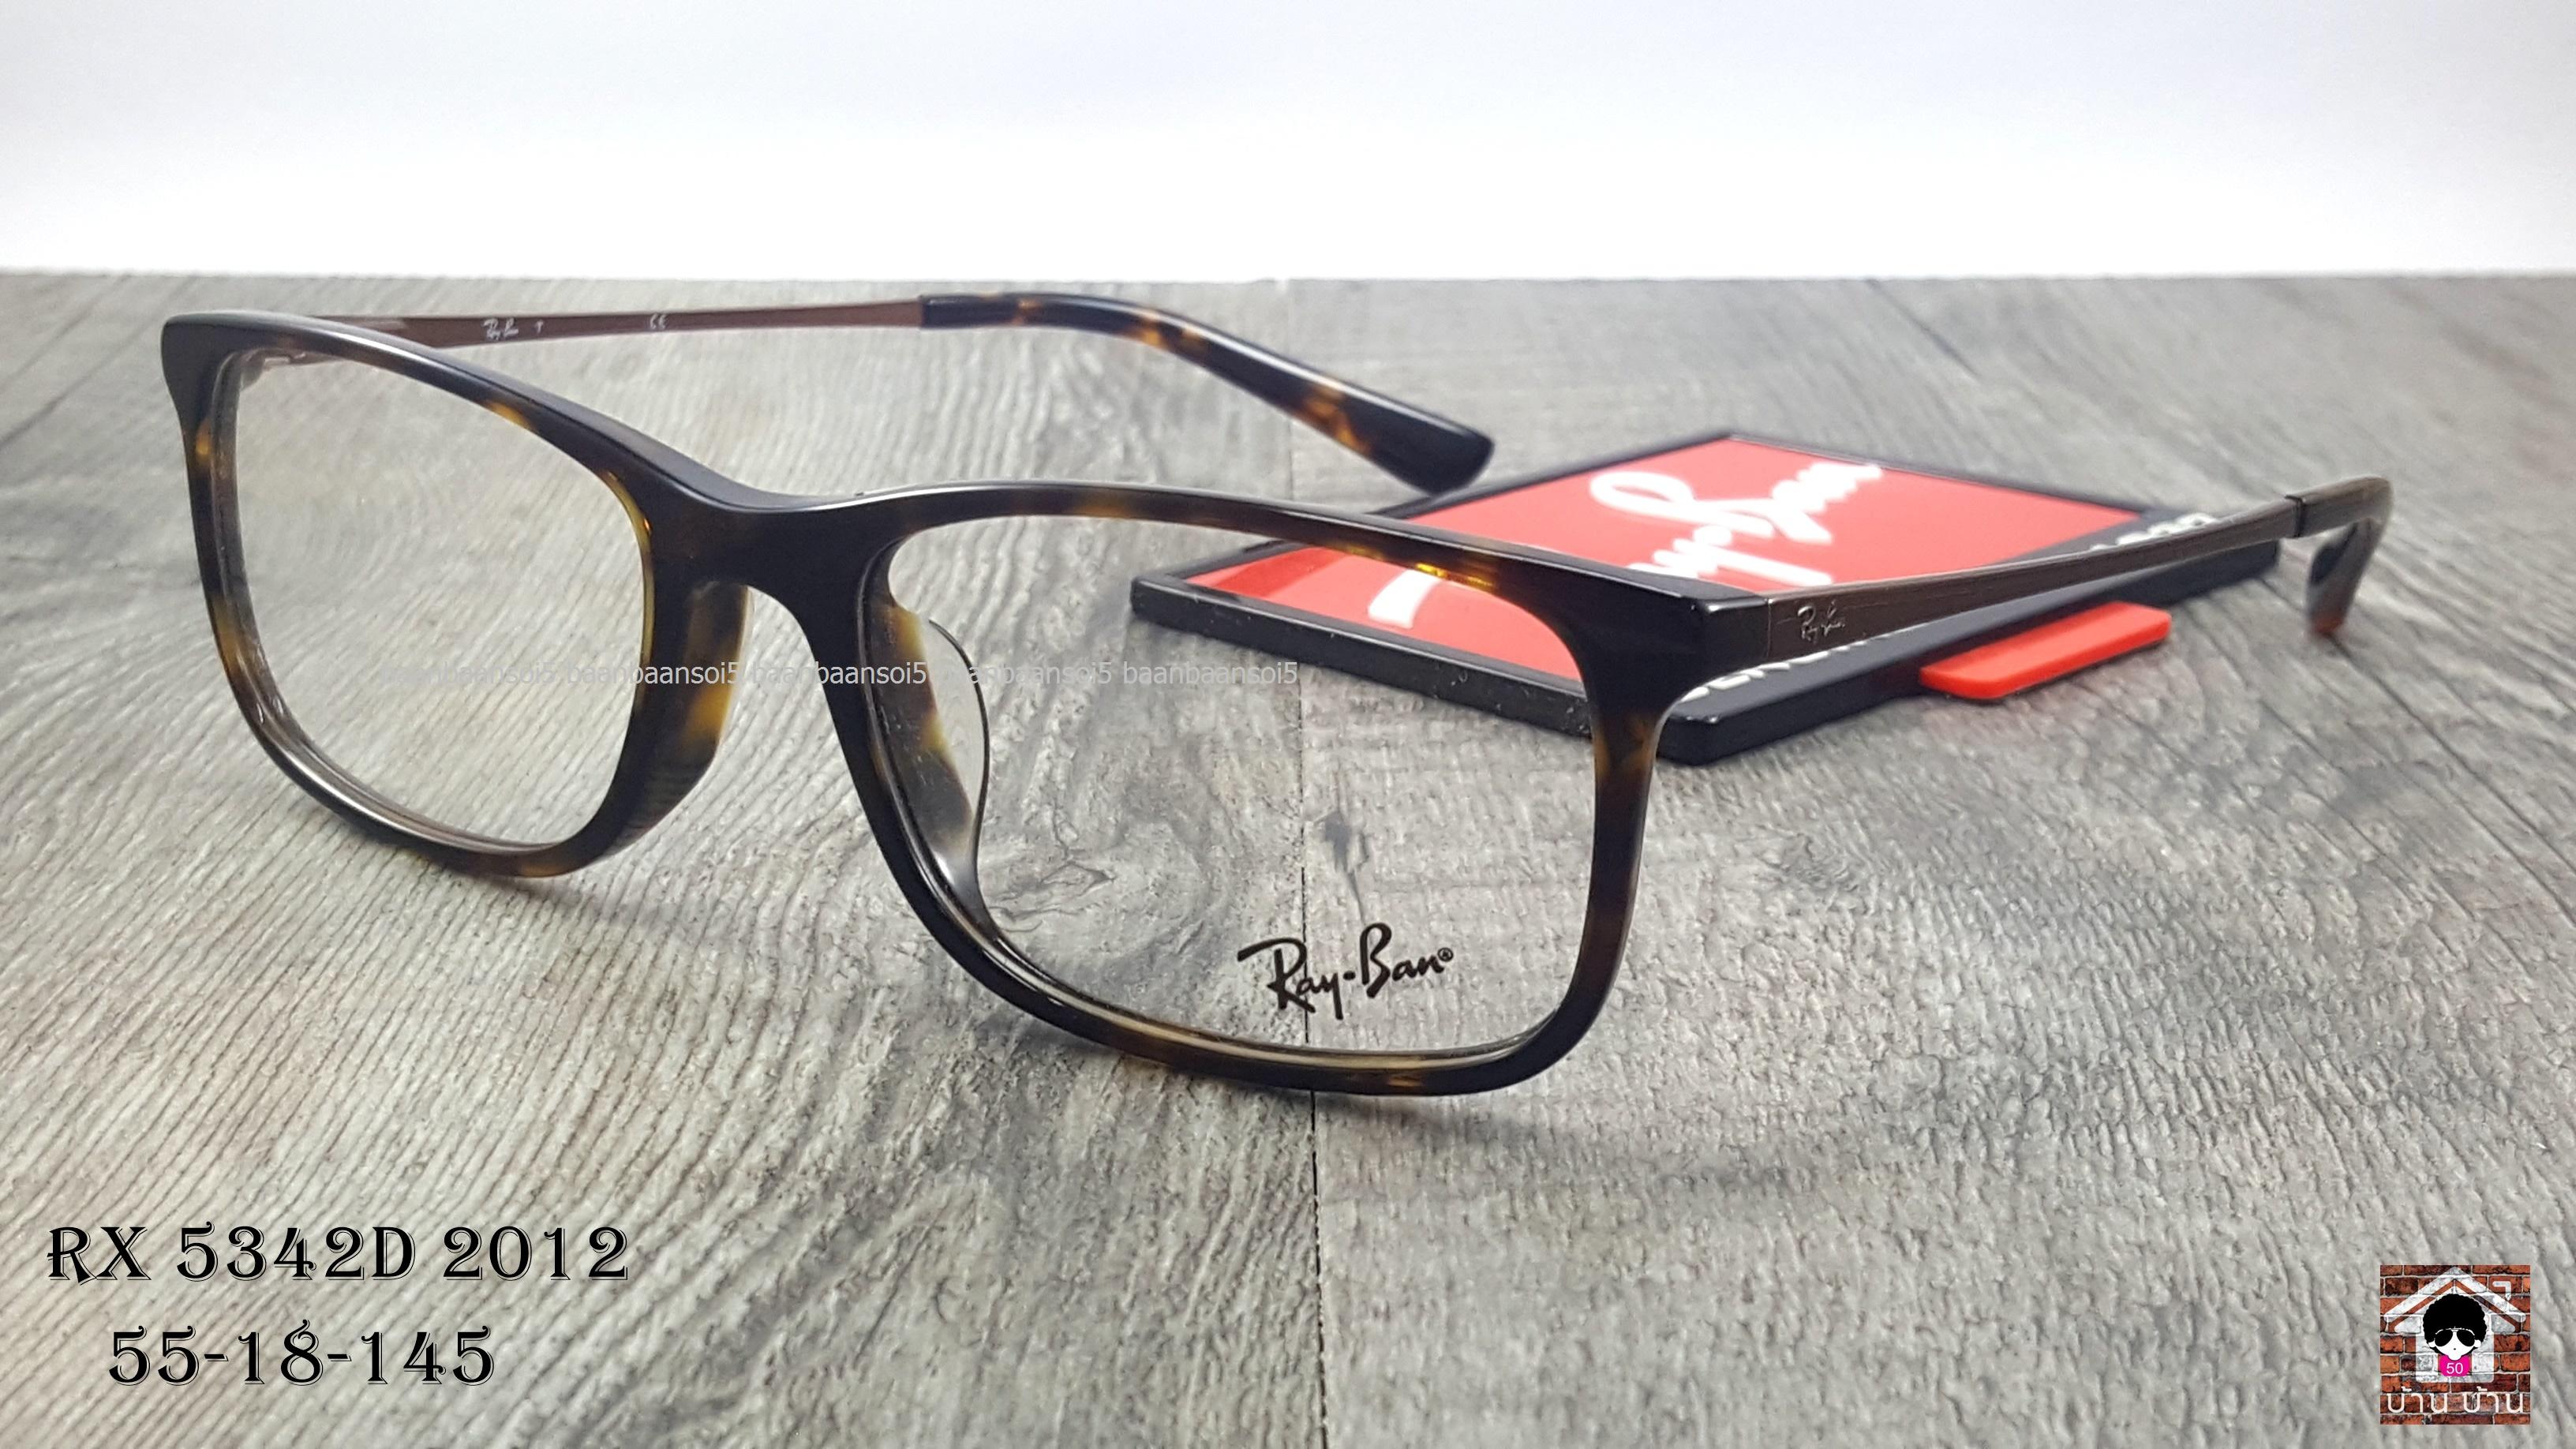 Rayban RB 5342D 2012 โปรโมชั่น กรอบแว่นตาพร้อมเลนส์ HOYA ราคา 3,500 บาท